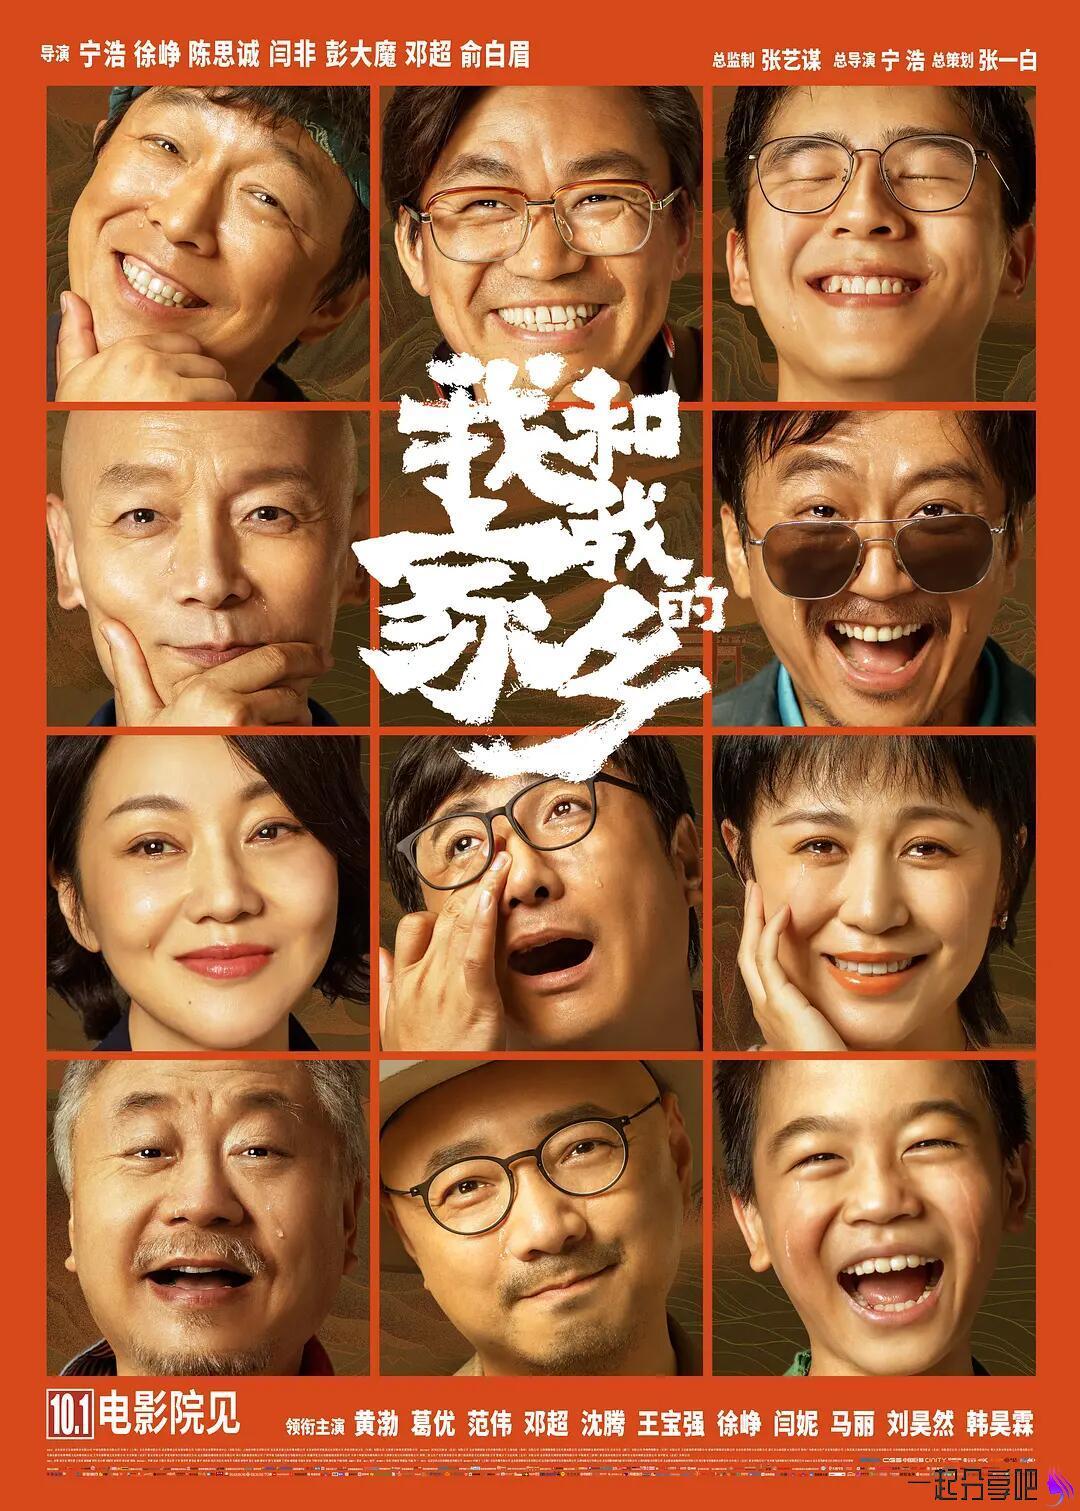 2020年剧情电影《我和我的家乡》HD国语中字版 第1张